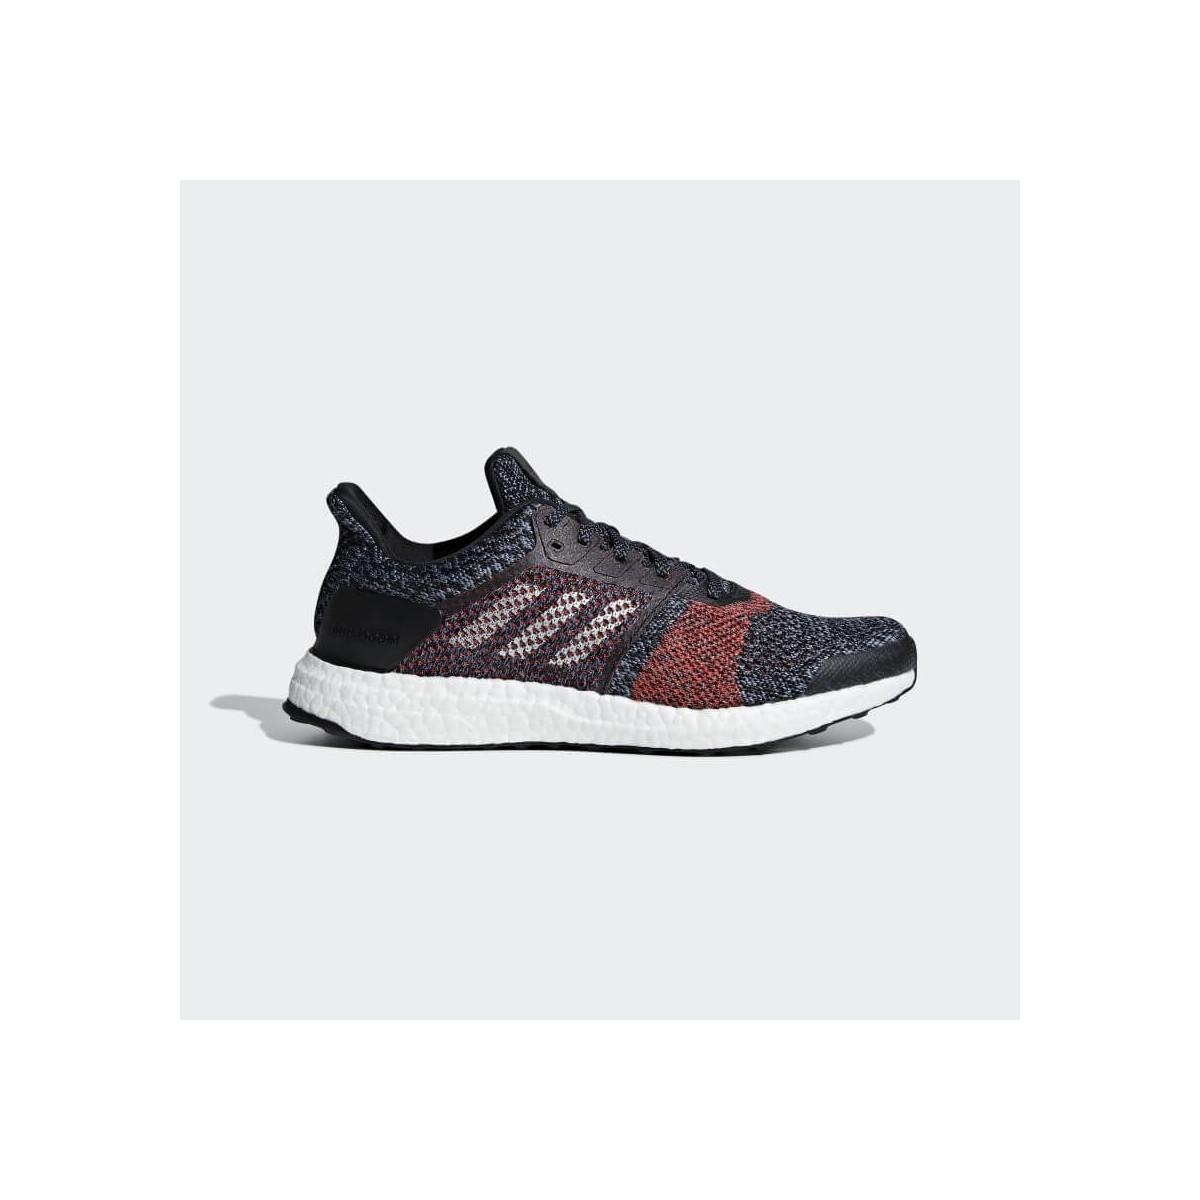 403718d60eaa3 Zapatillas Adidas Ultra Boost ST OI18 Azul Negro y Rojo Hombre ...